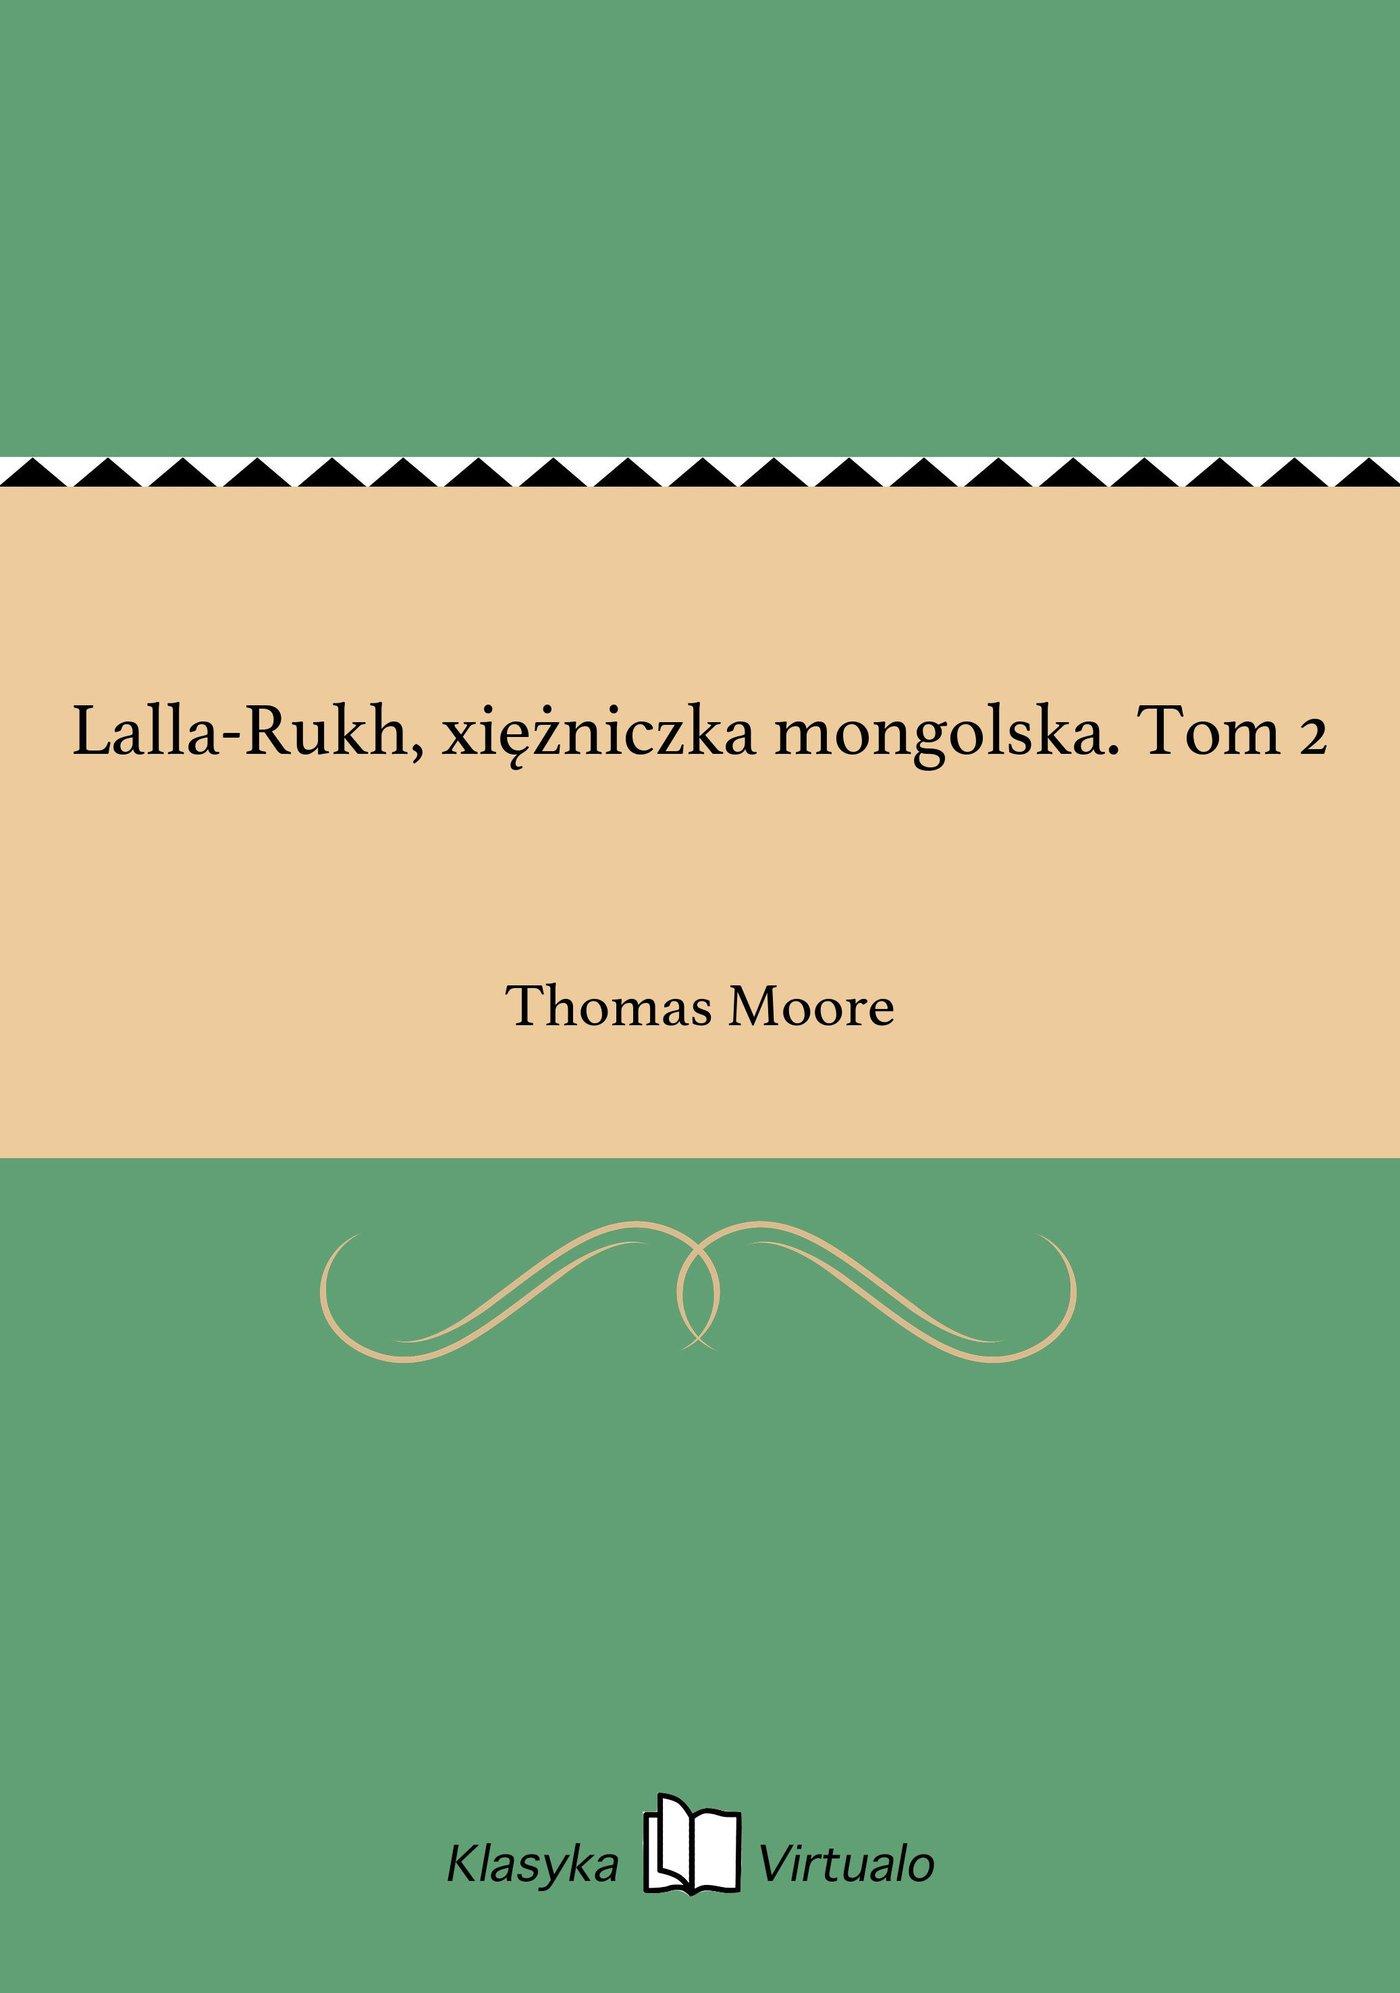 Lalla-Rukh, xiężniczka mongolska. Tom 2 - Ebook (Książka EPUB) do pobrania w formacie EPUB